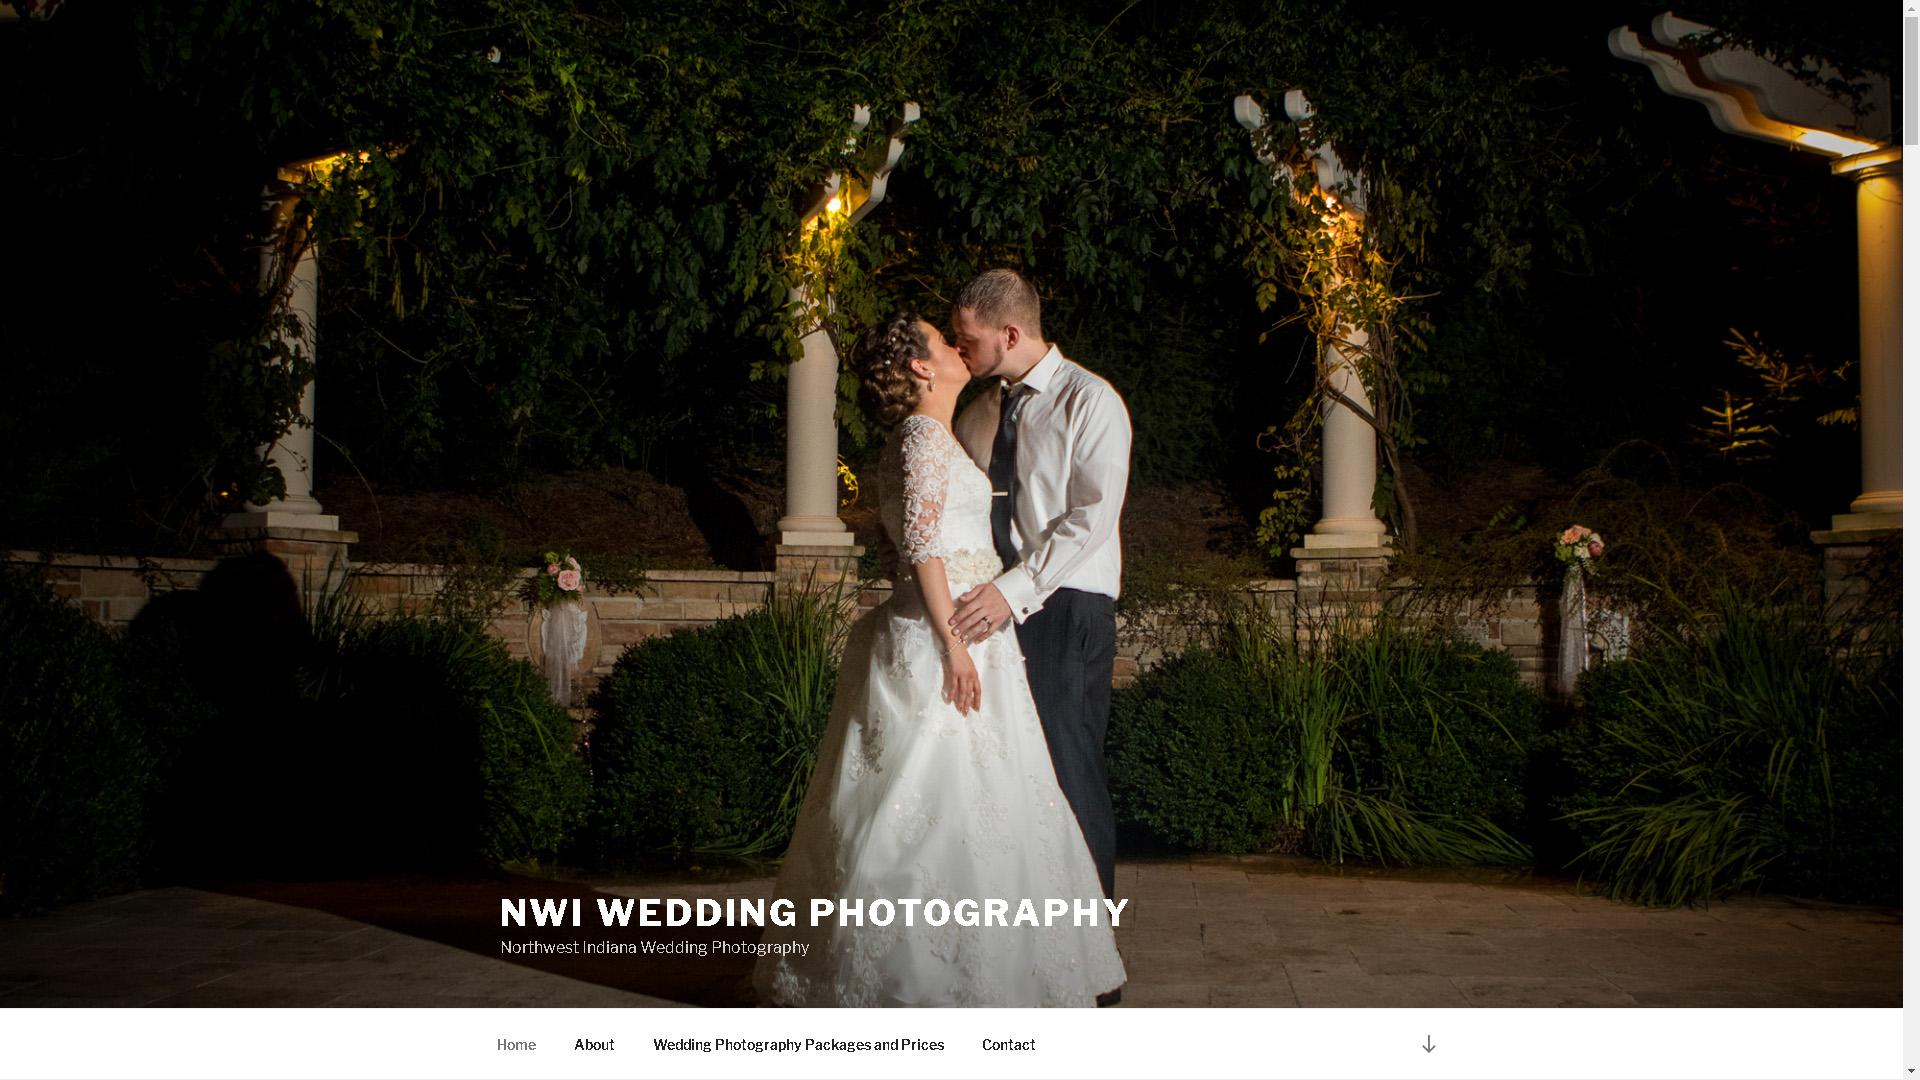 NWIWeddingPhotography.com